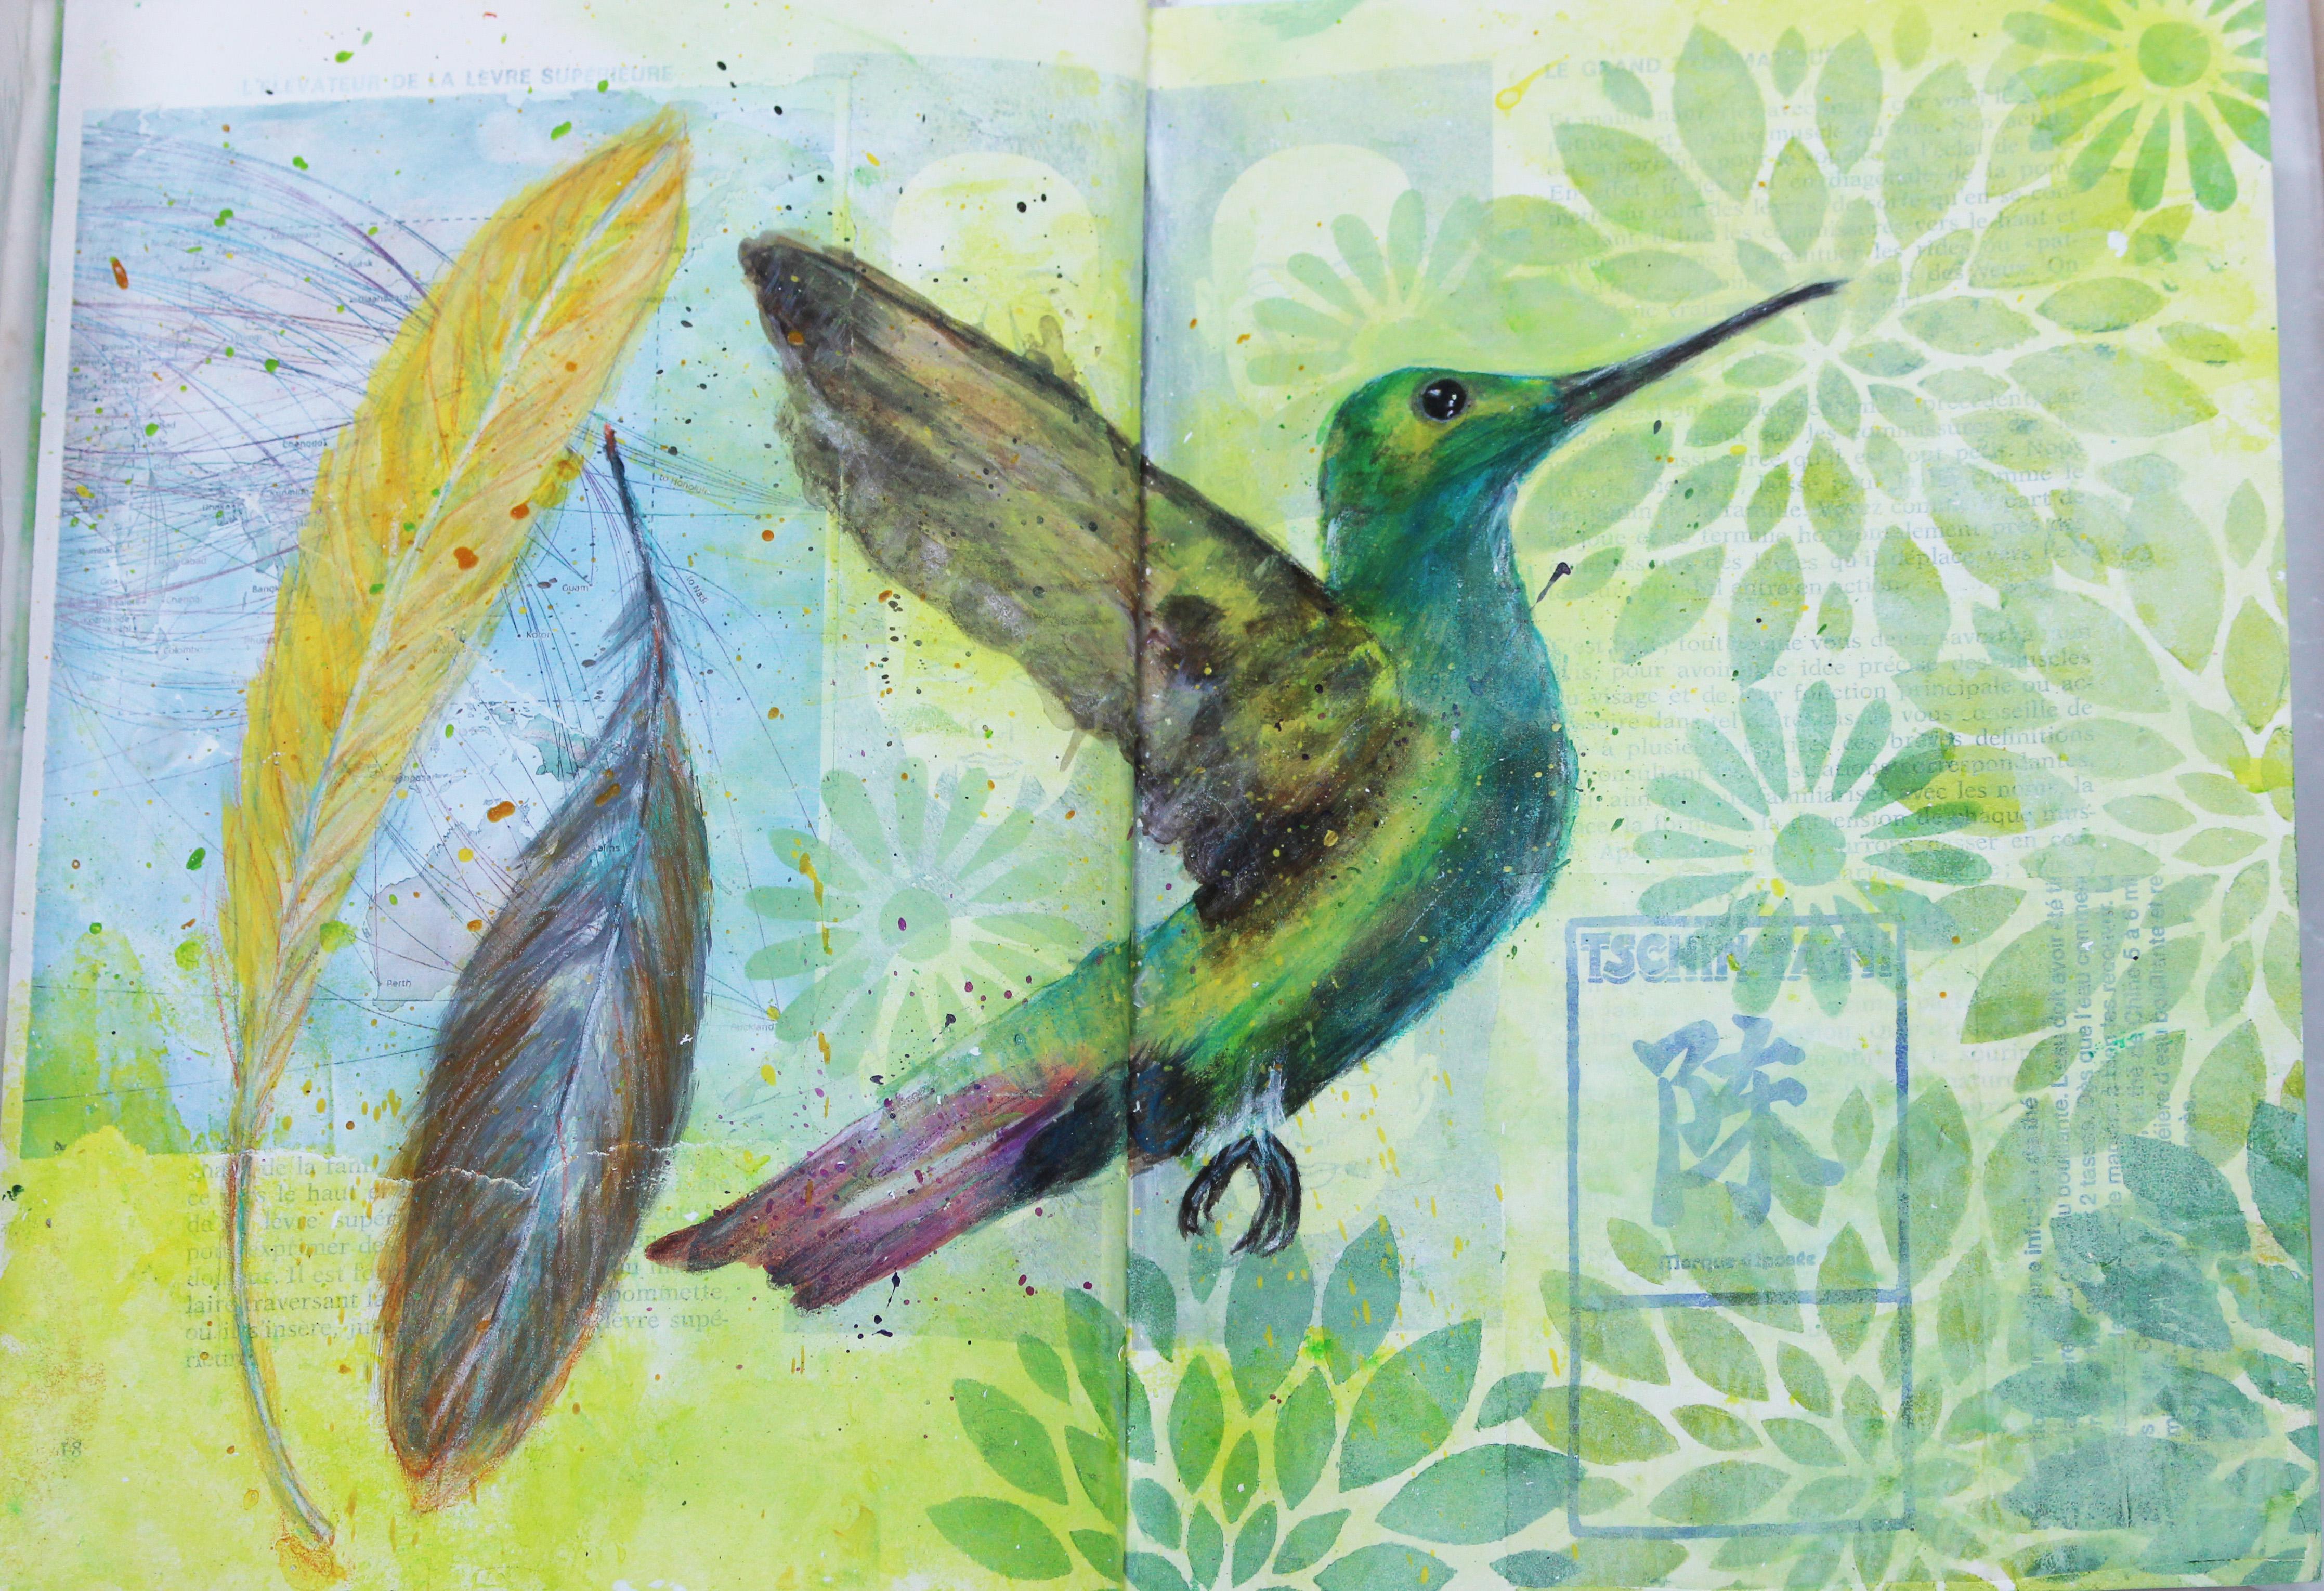 Sketchbook-Hummingbird // Carnet de croquis - Colibri